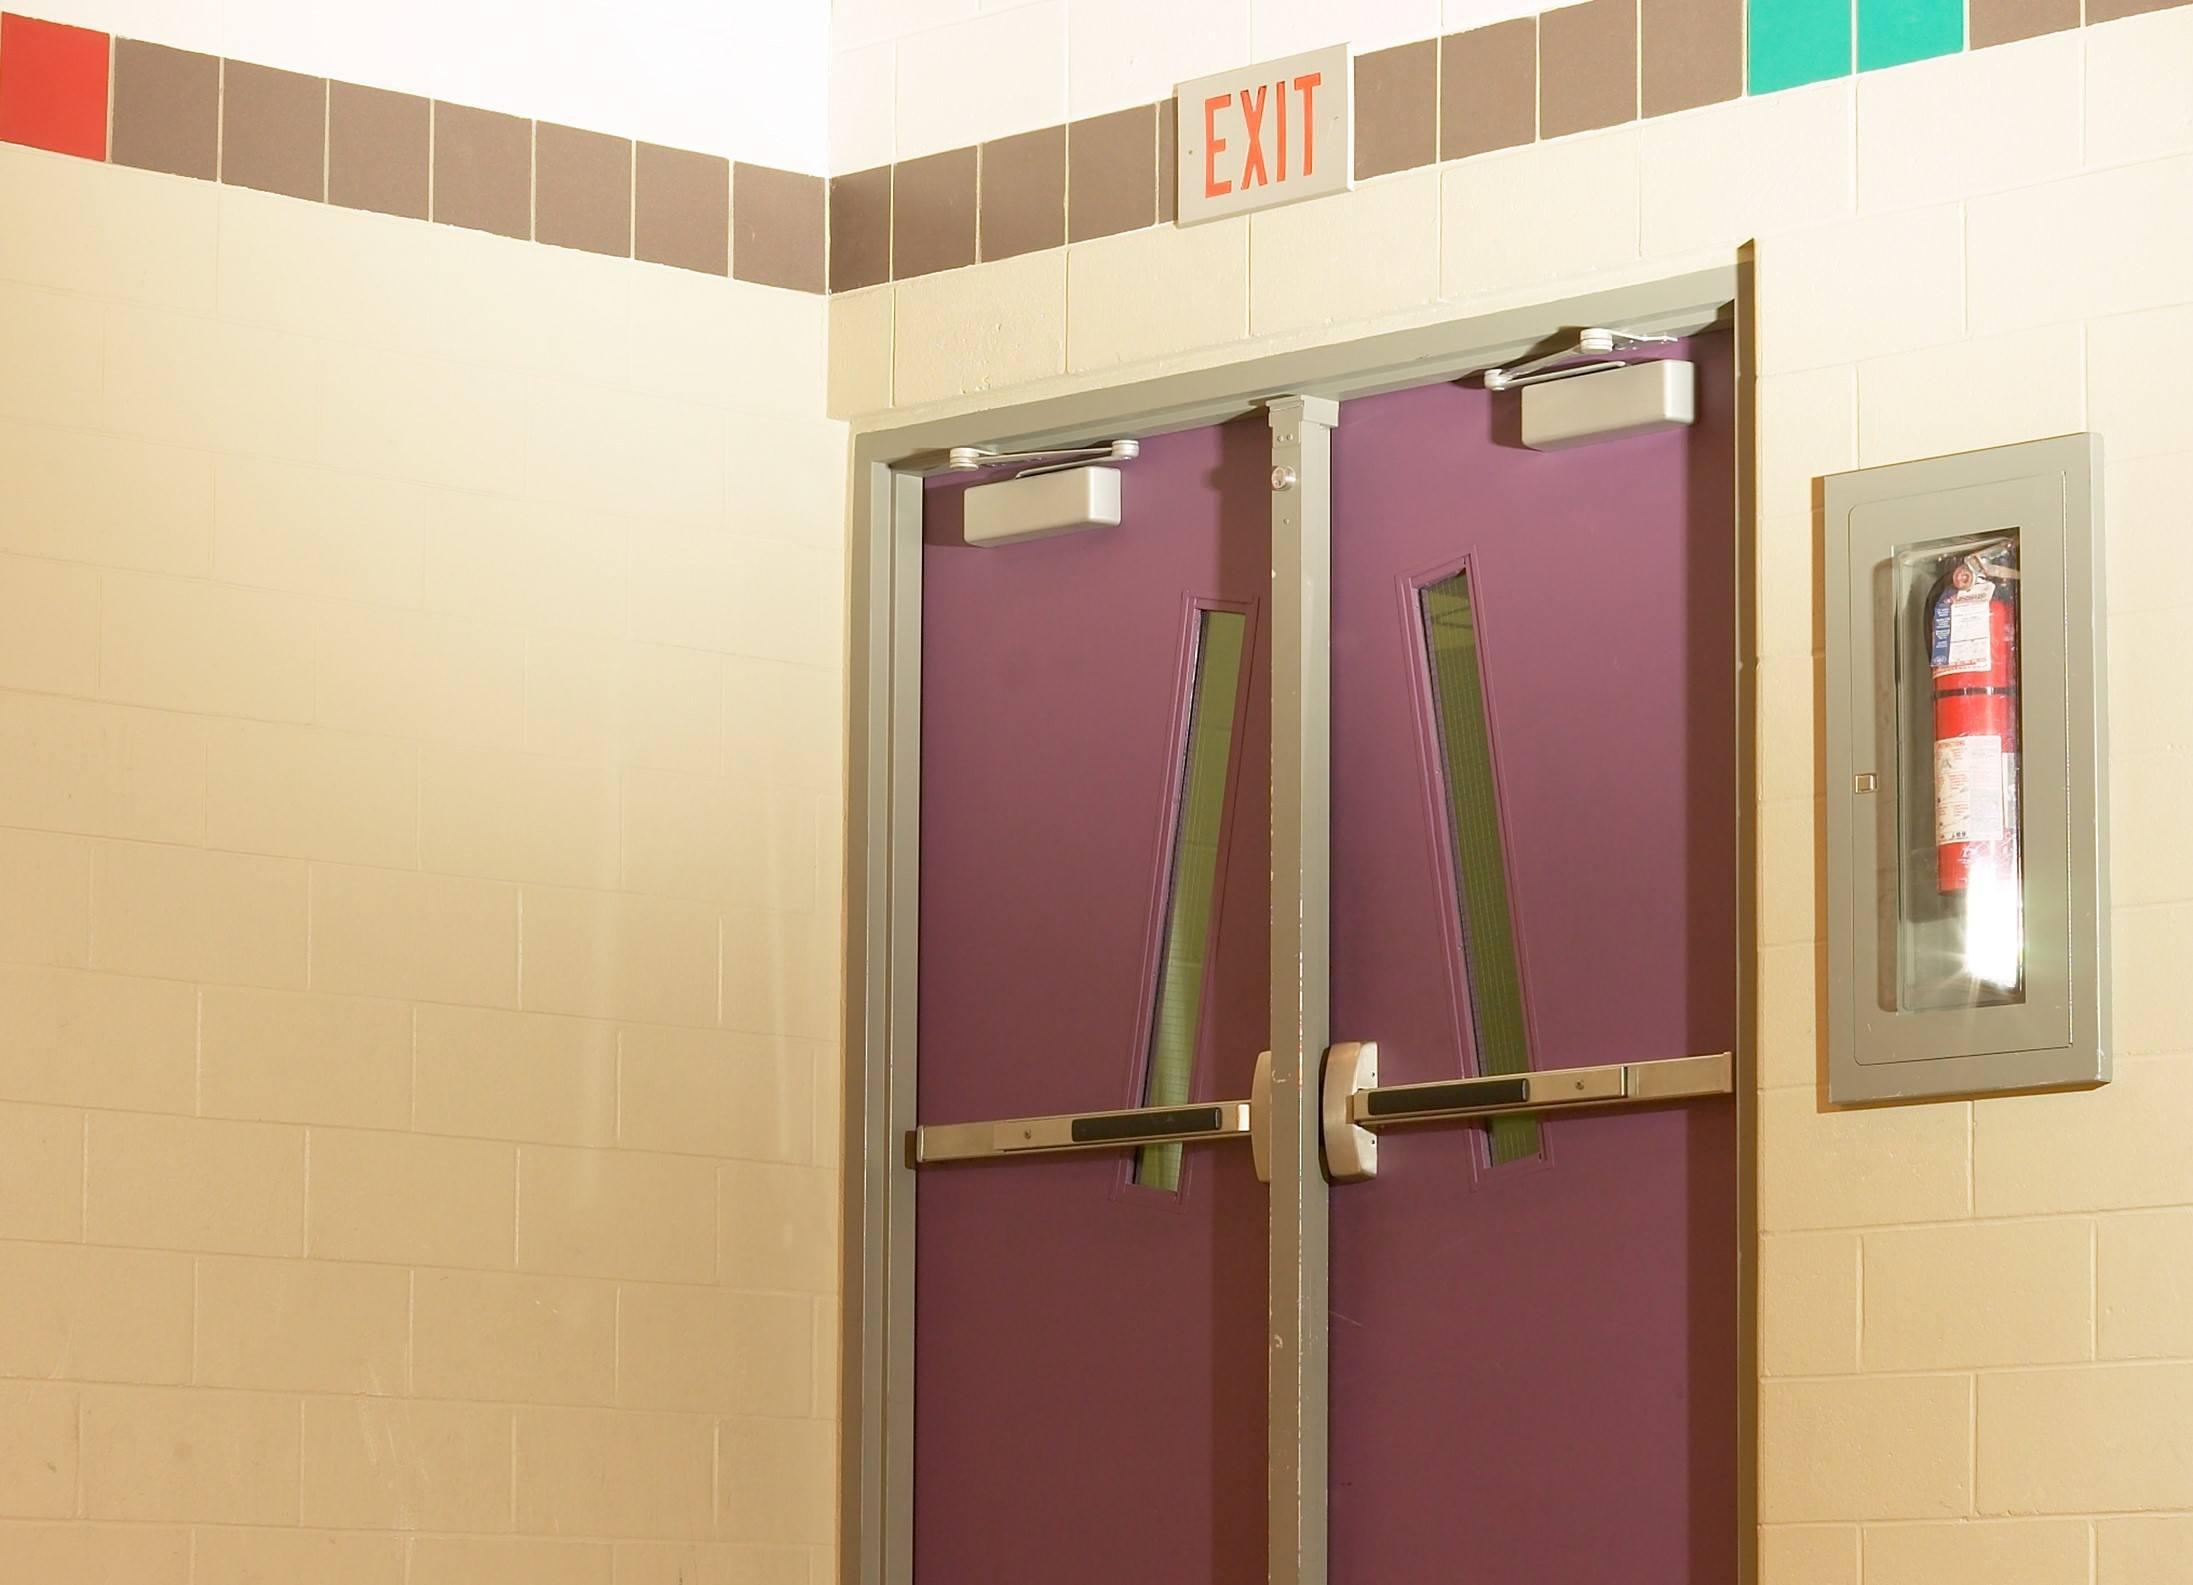 School door with fire extinguisher